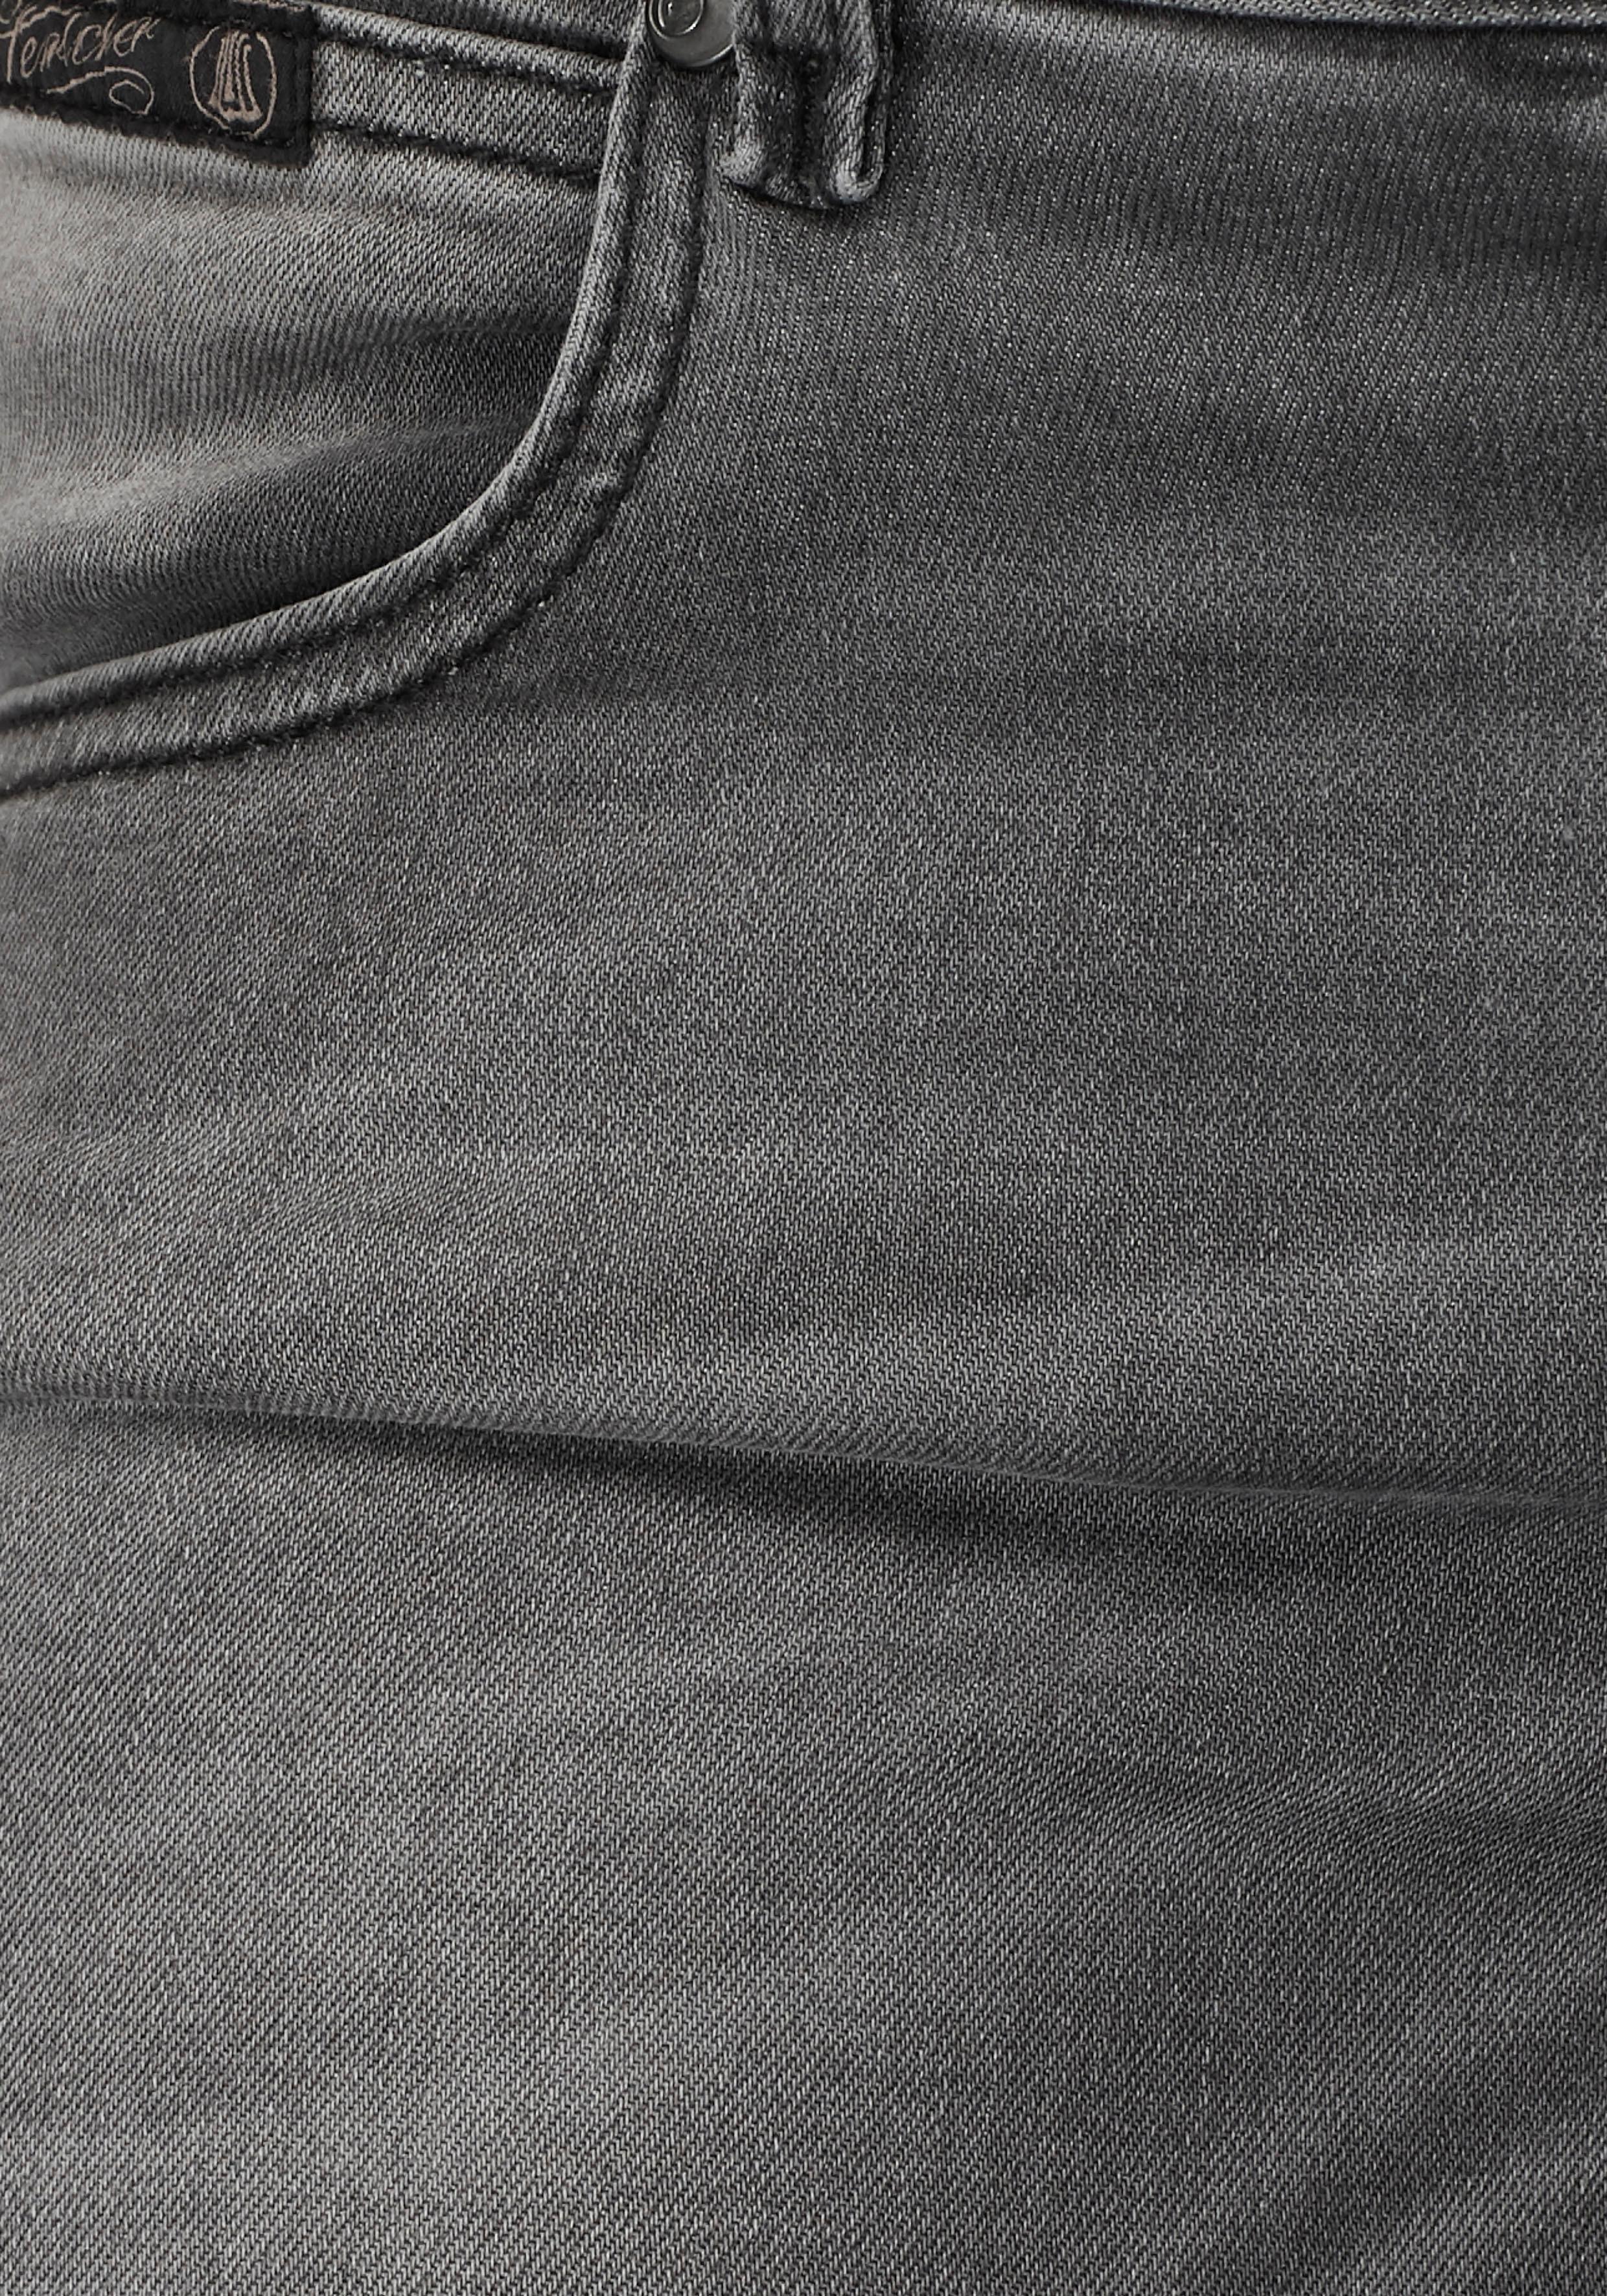 Cropped Nu Online Bestellen Slim Fit Herrlicher jeanstouch BoedCx